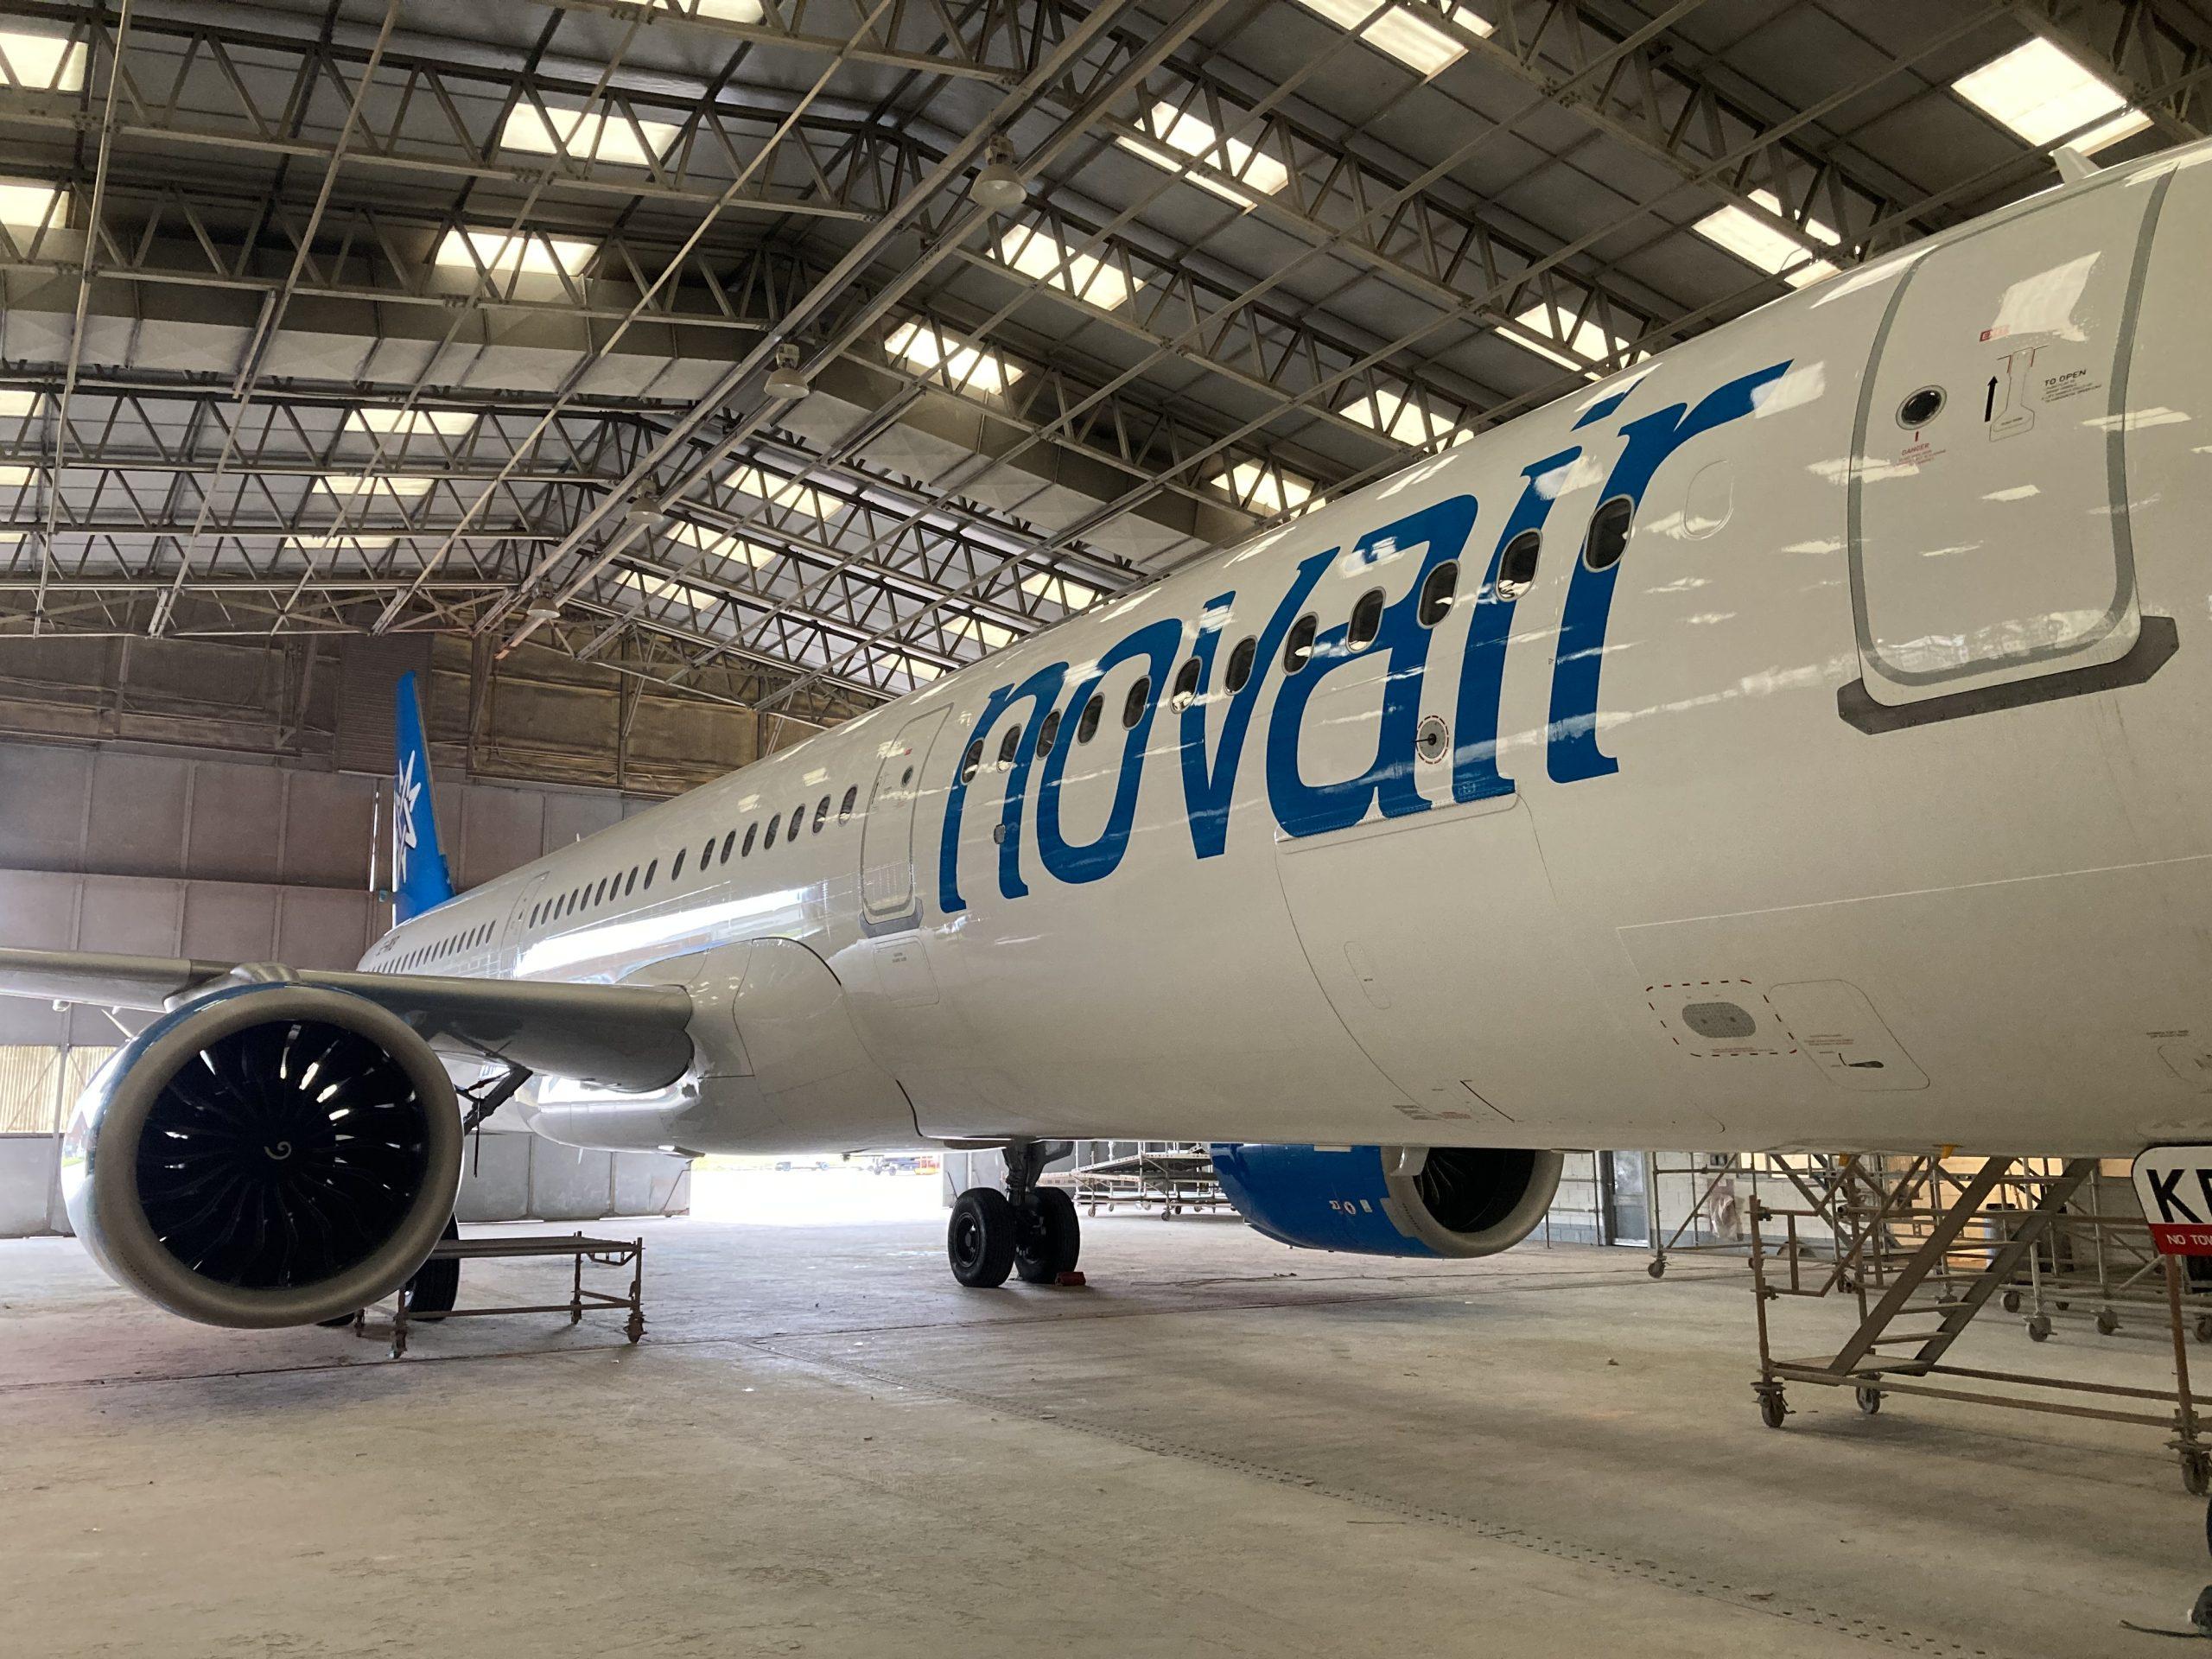 Det svenske charterflyselskab Novair har fået ny bemaling af flyene. Foto: Novair